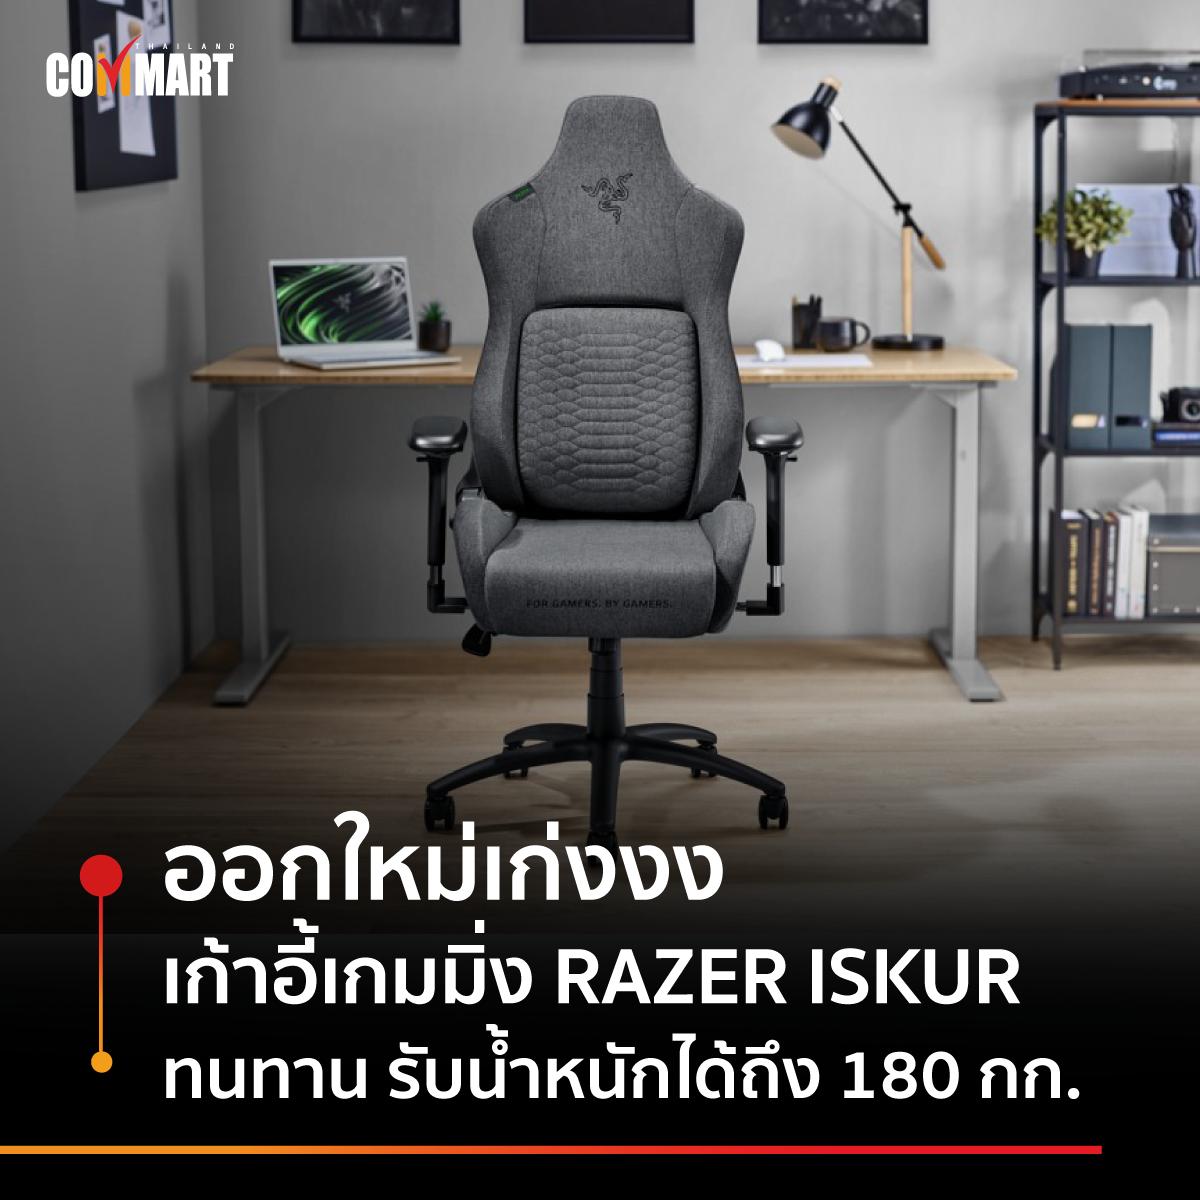 ออกใหม่เก่งงง เก้าอี้เกมมิ่ง RAZER ISKUR ทนทาน รับน้ำหนักได้ถึง 180 กก.